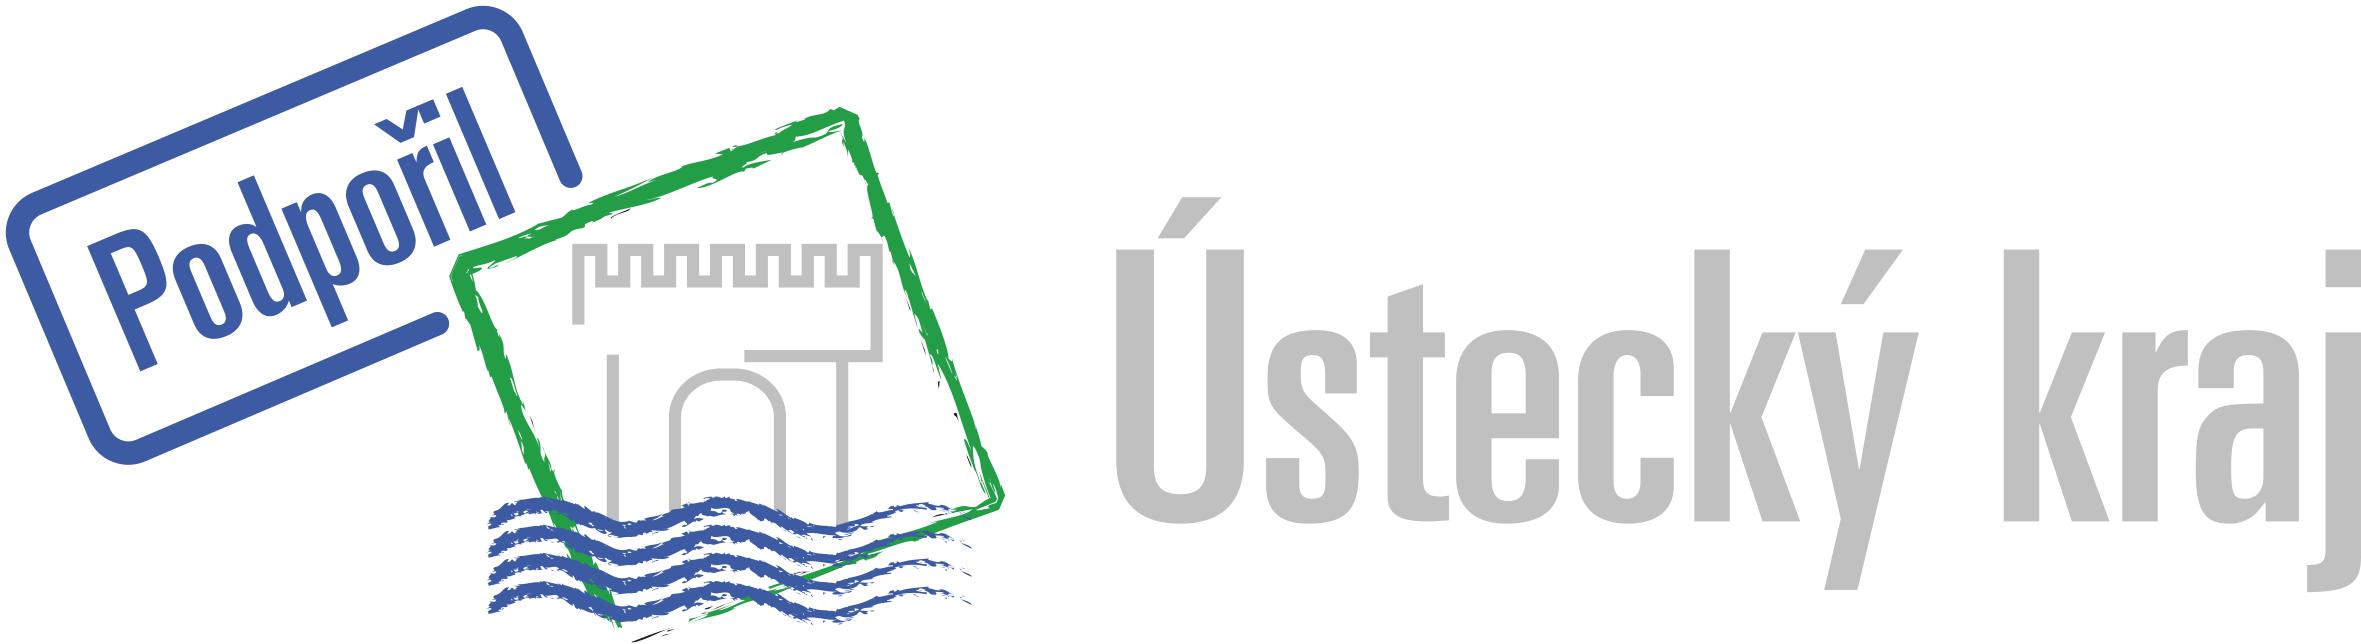 https://www.kr-ustecky.cz/assets/File.ashx?id_org=450018&id_dokumenty=1687274